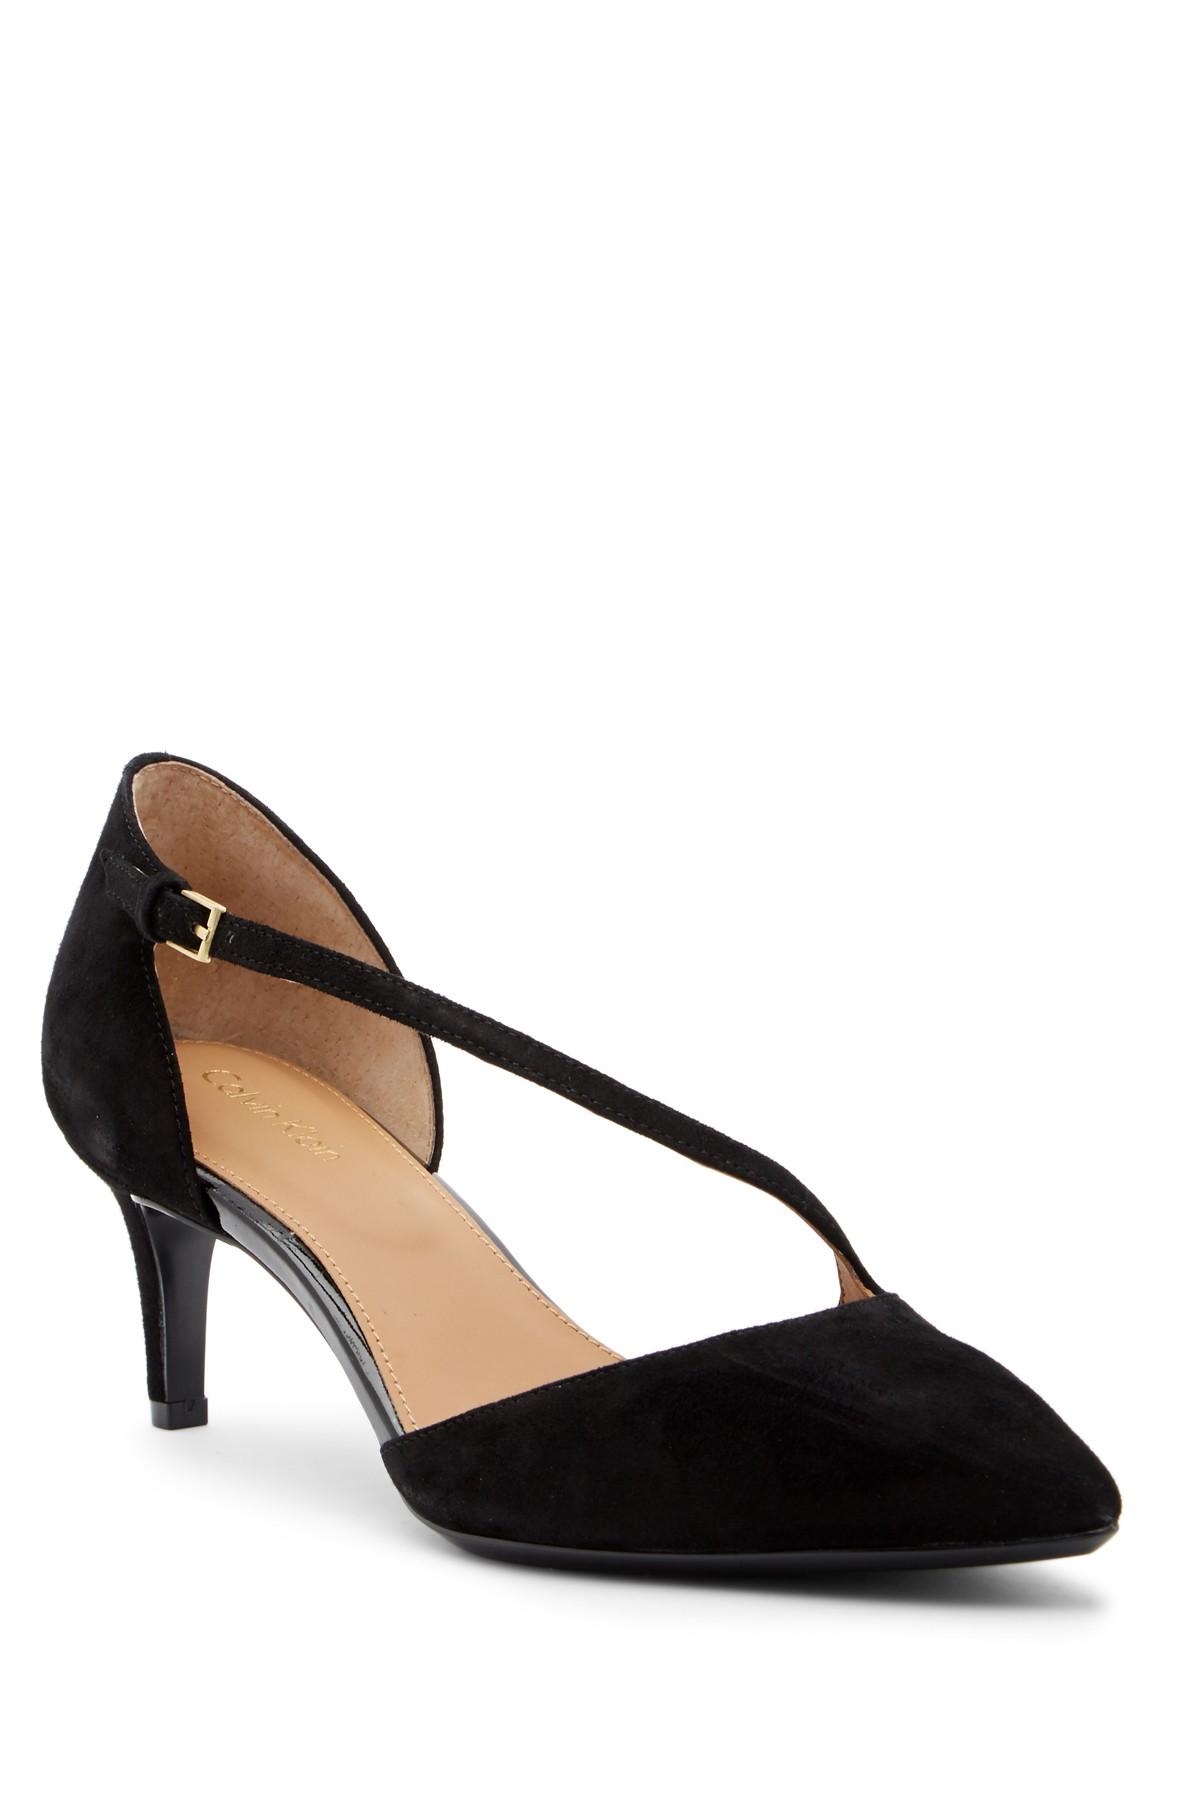 kitten heels u0026 low heels | nordstrom rack sfcthko